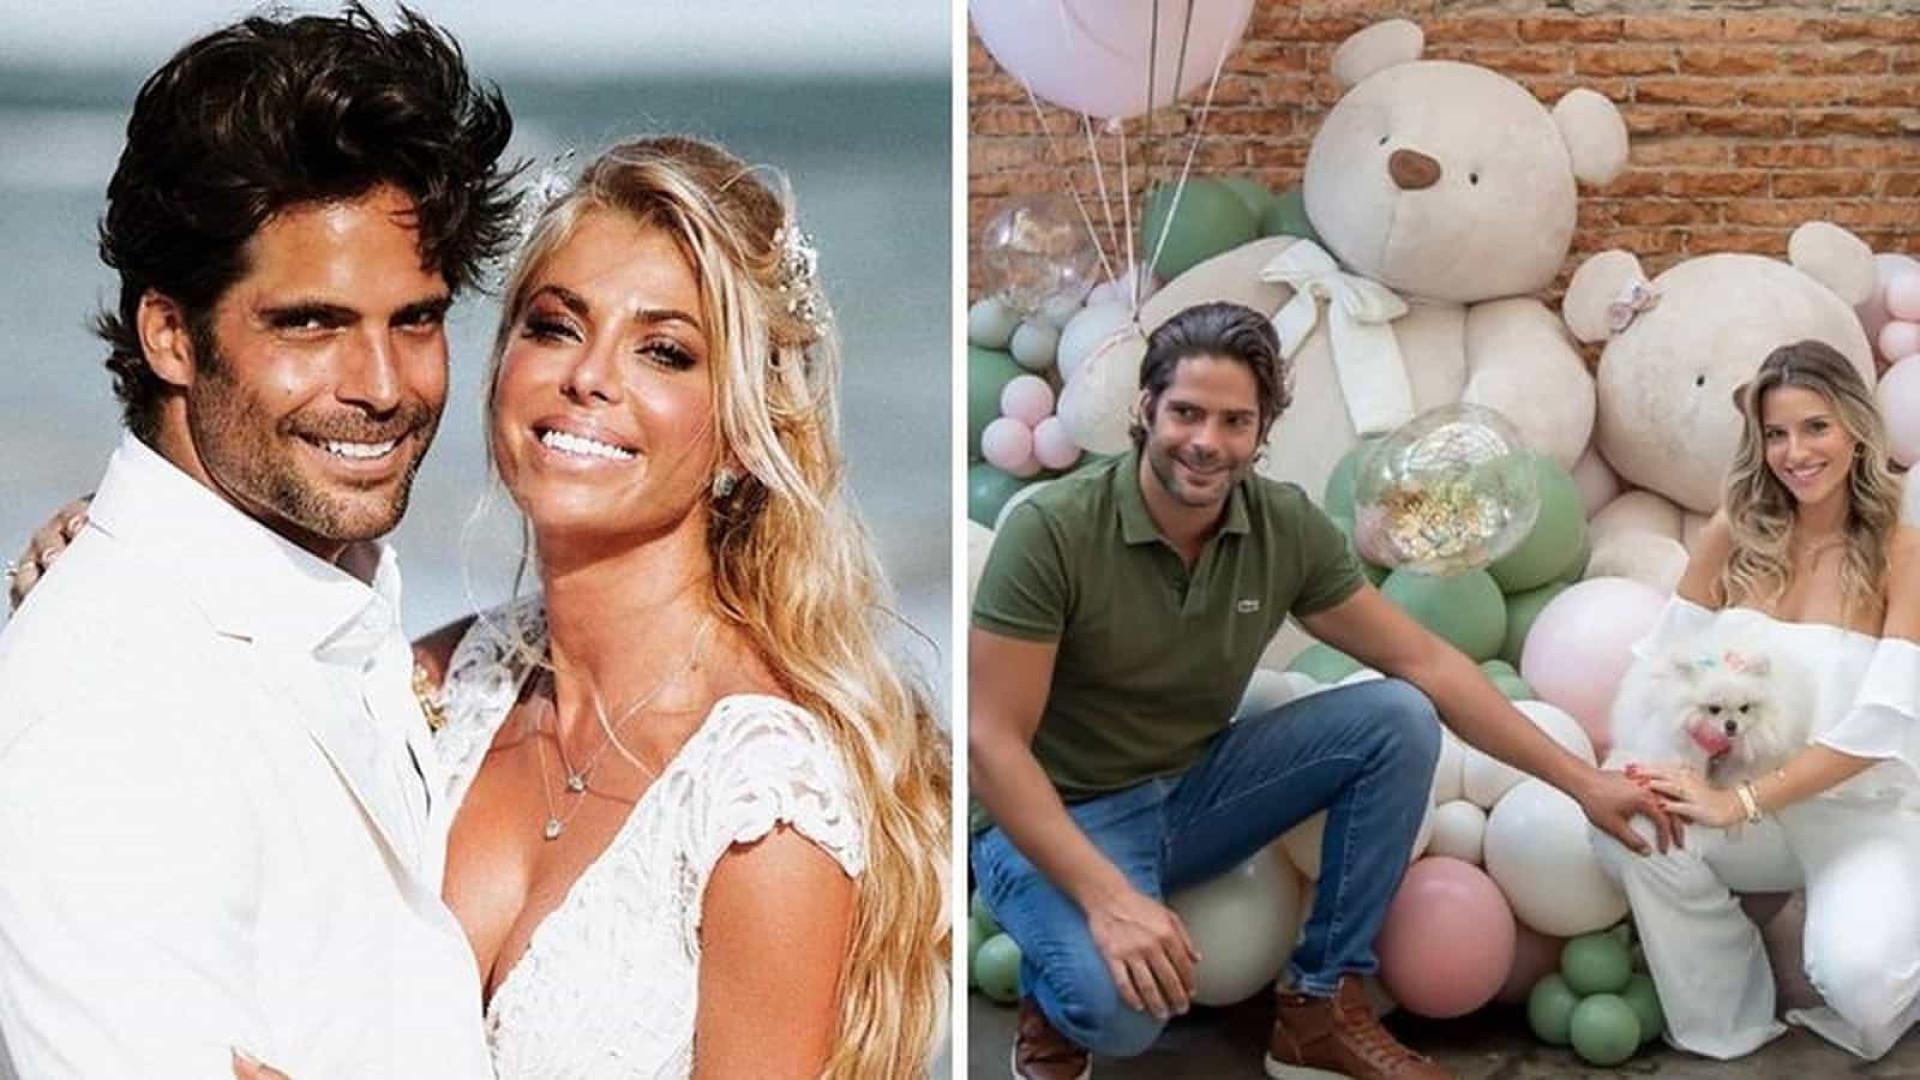 Sestini, ex de Carol Bittencourt, anuncia que espera filho com arquiteta